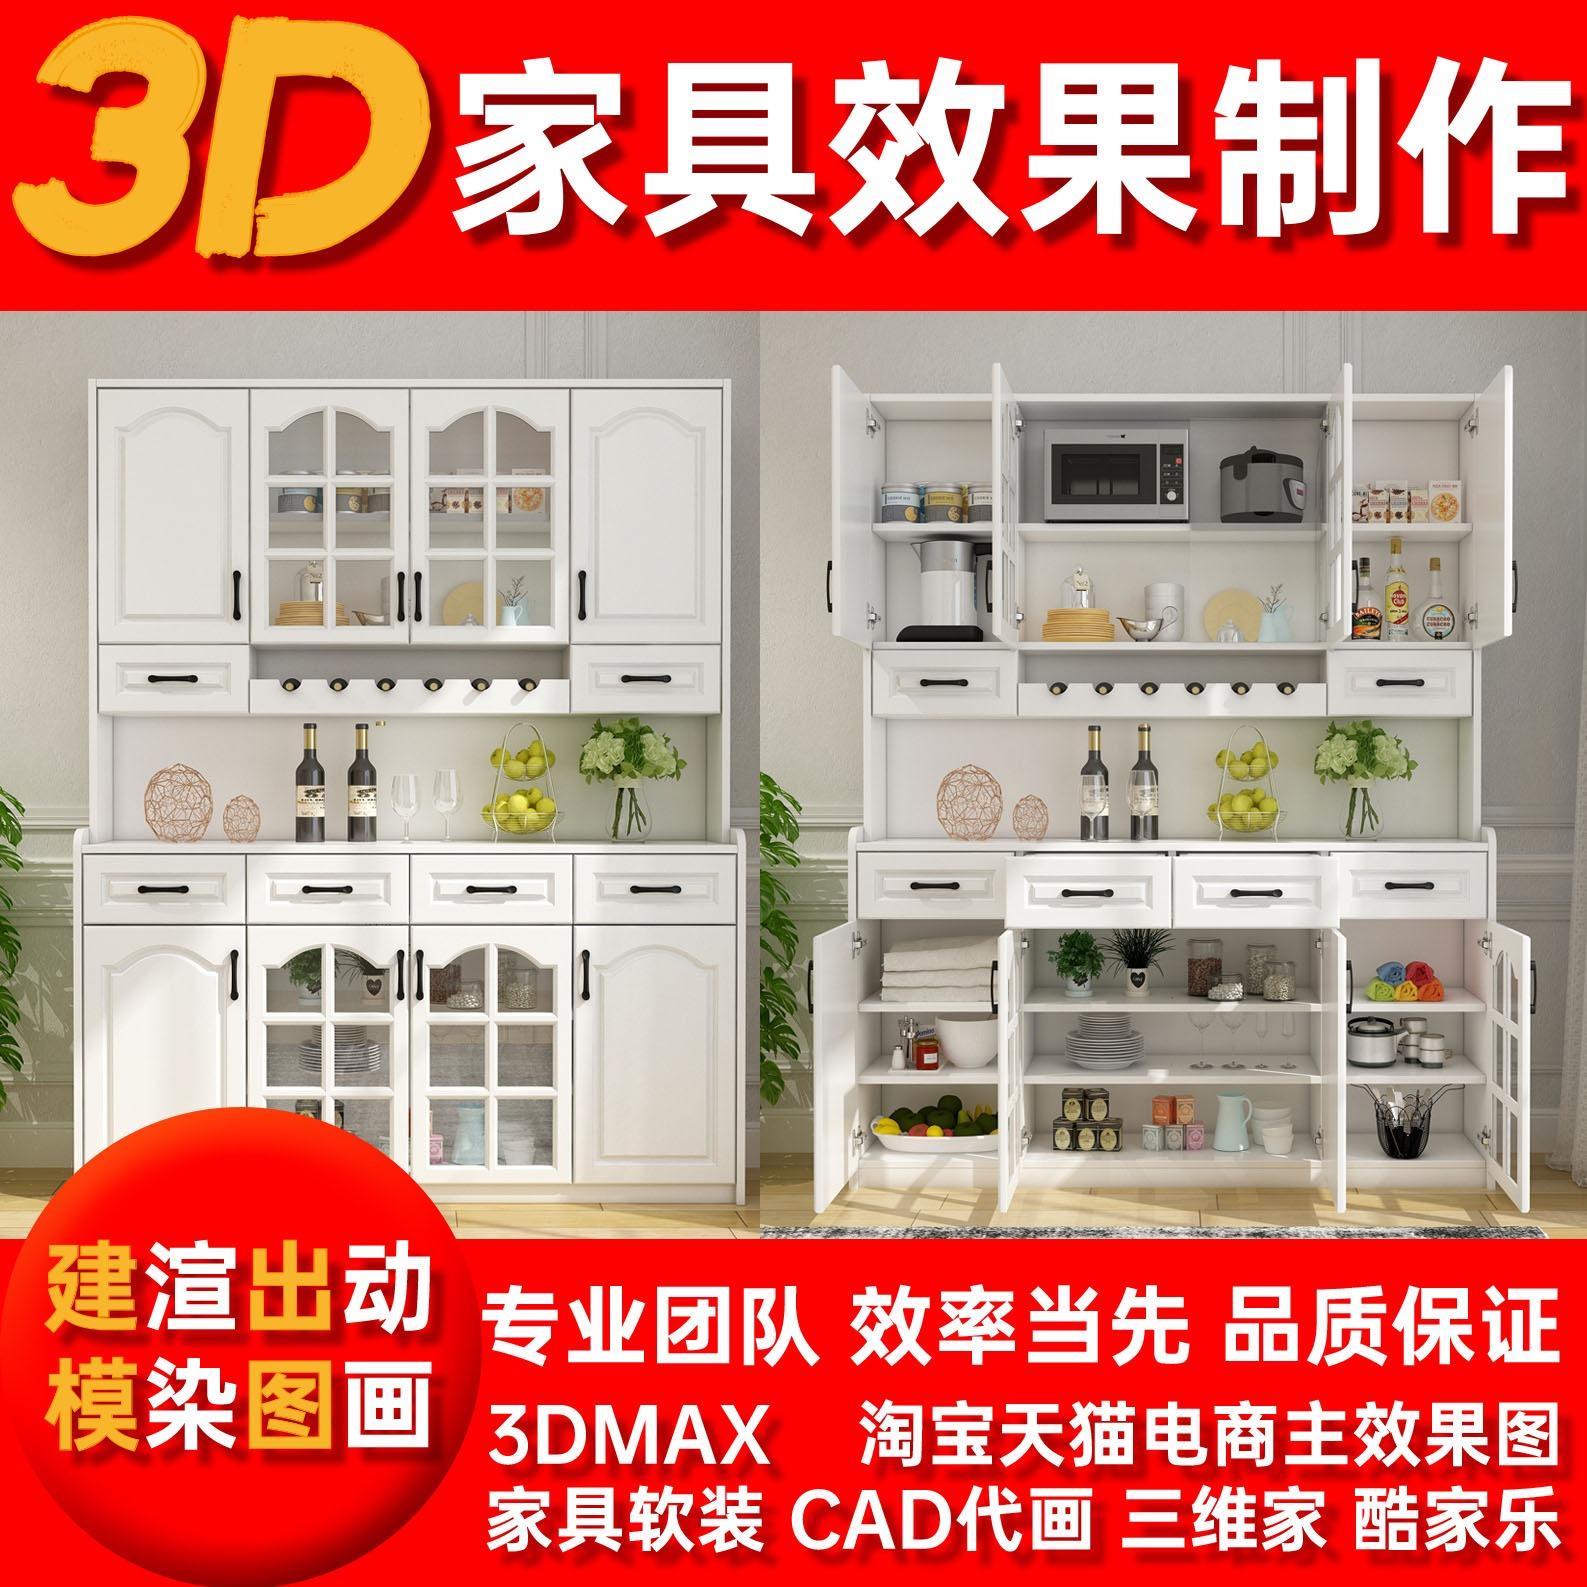 淘宝天猫主图效果图3D家具建模渲染代做 餐柜 桌柜 效果图